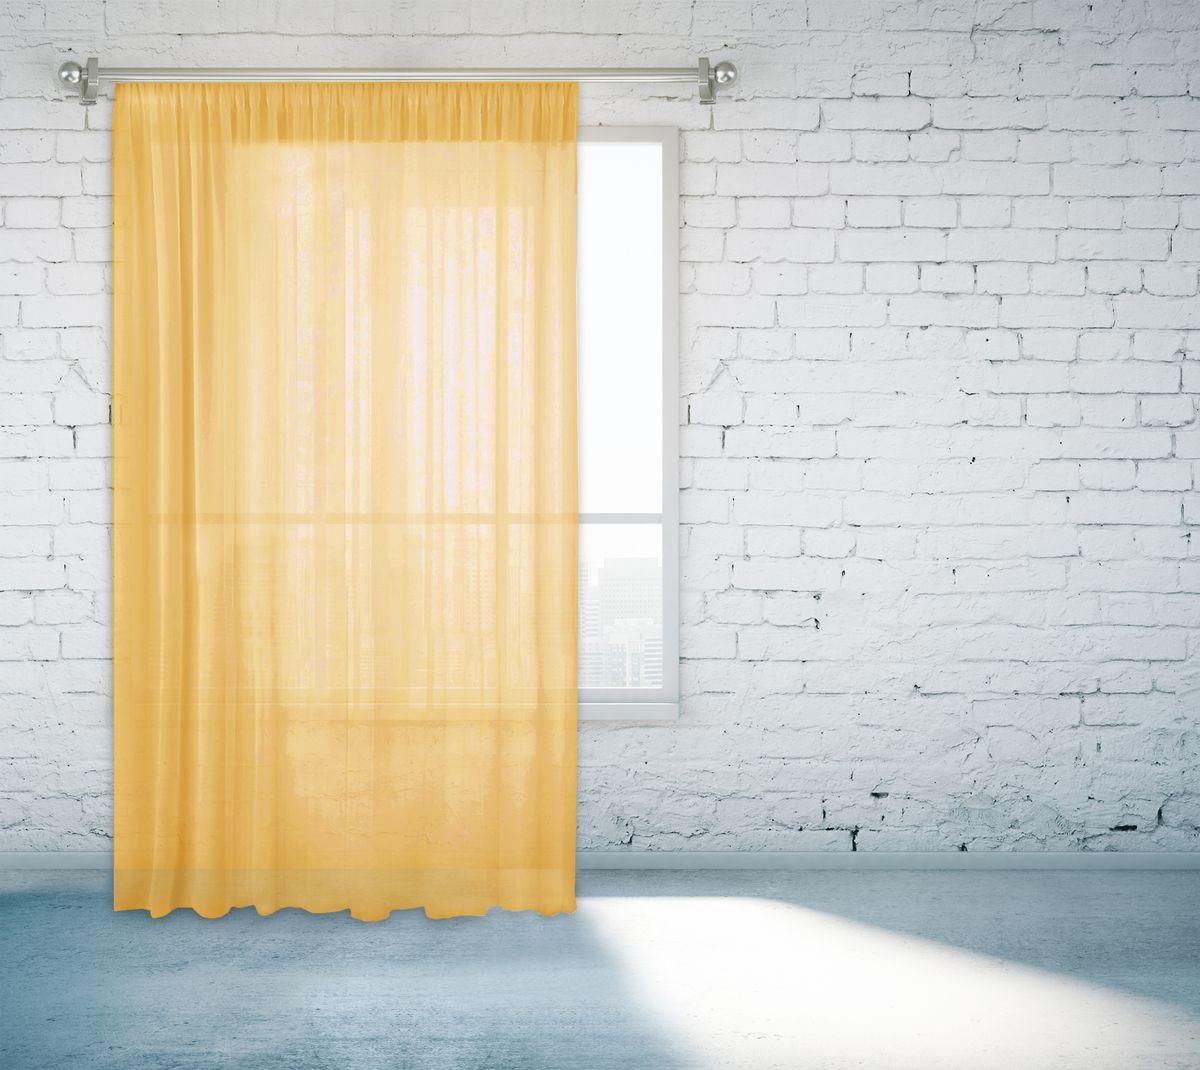 Тюль Zlata Korunka, на ленте, цвет: желтый, высота 260 см. 55670-1155670-11Тюль Zlata Korunka изготовлен из 100% полиэстера и великолепно украсит любое окно. Воздушная ткань и приятная, приглушенная гамма привлекут к себе внимание и органично впишутся в интерьер помещения. Полиэстер - вид ткани, состоящий из полиэфирных волокон. Ткани из полиэстера - легкие, прочные и износостойкие. Такие изделия не требуют специального ухода, не пылятся и почти не мнутся.Крепление к карнизу осуществляется с использованием тесьмы. Такой тюль идеально оформит интерьер любого помещения.